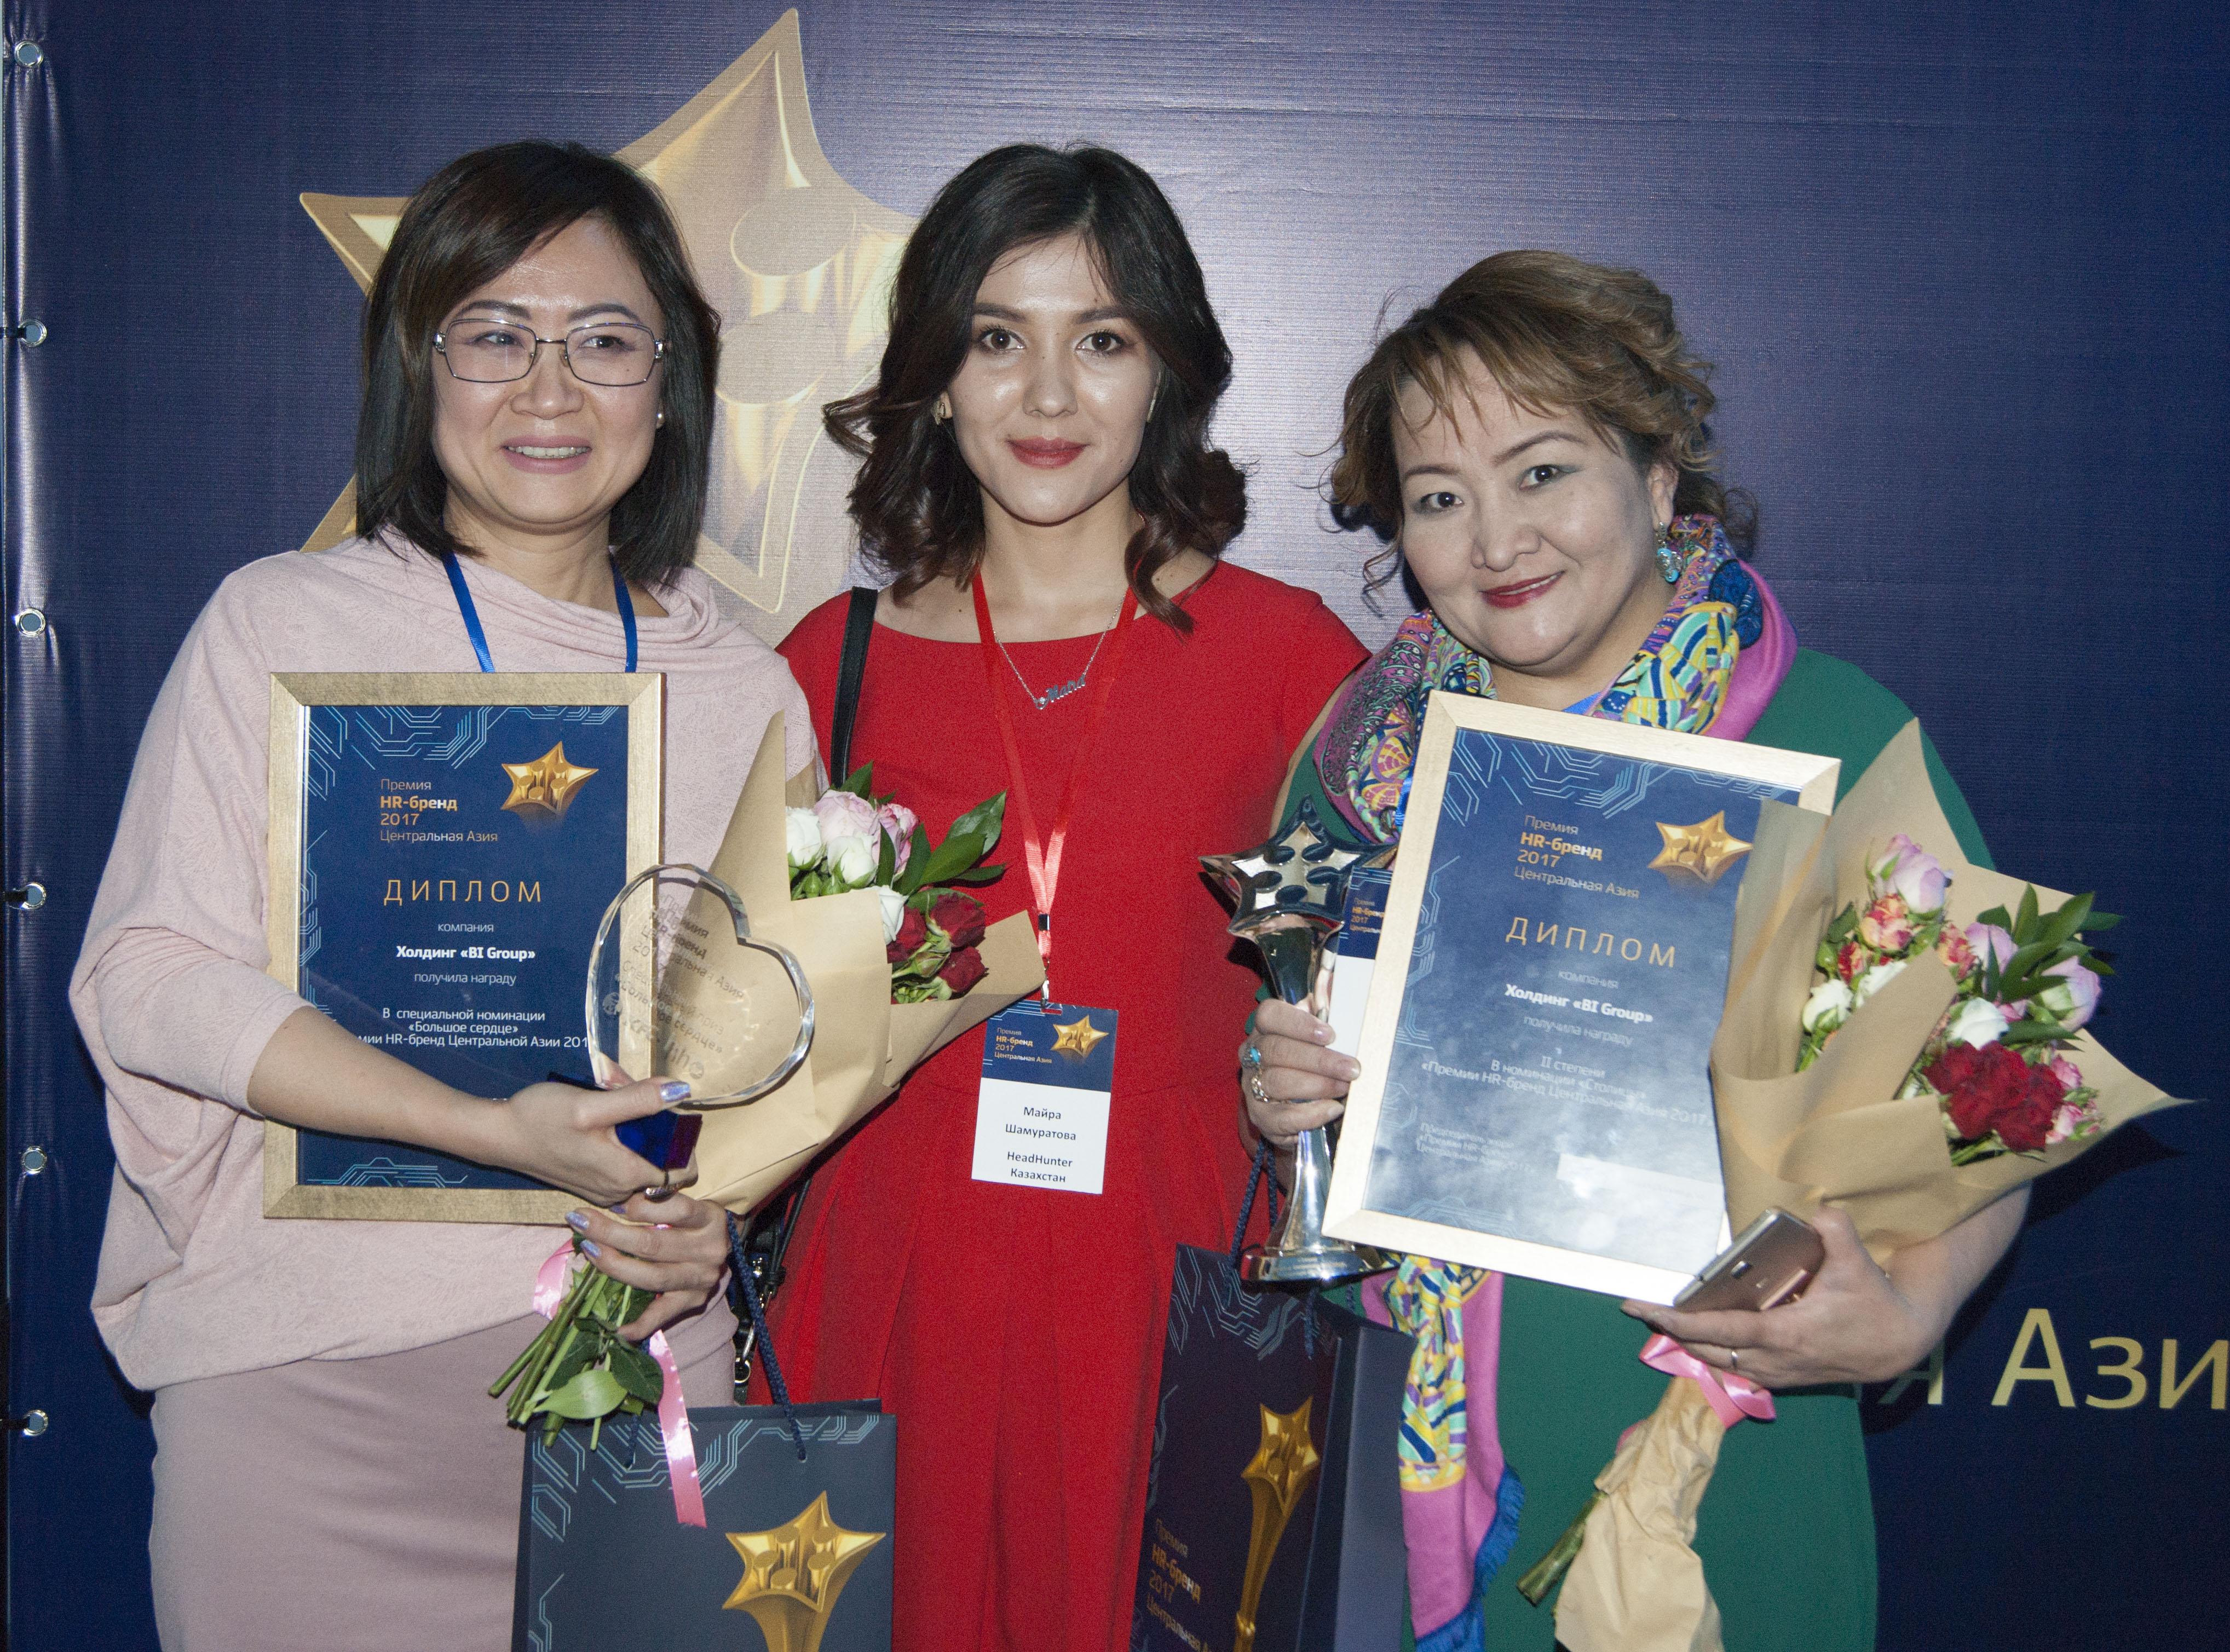 Названы имена лучших работодателей Казахстана, Кыргызстана и Узбекистана в 2017 году